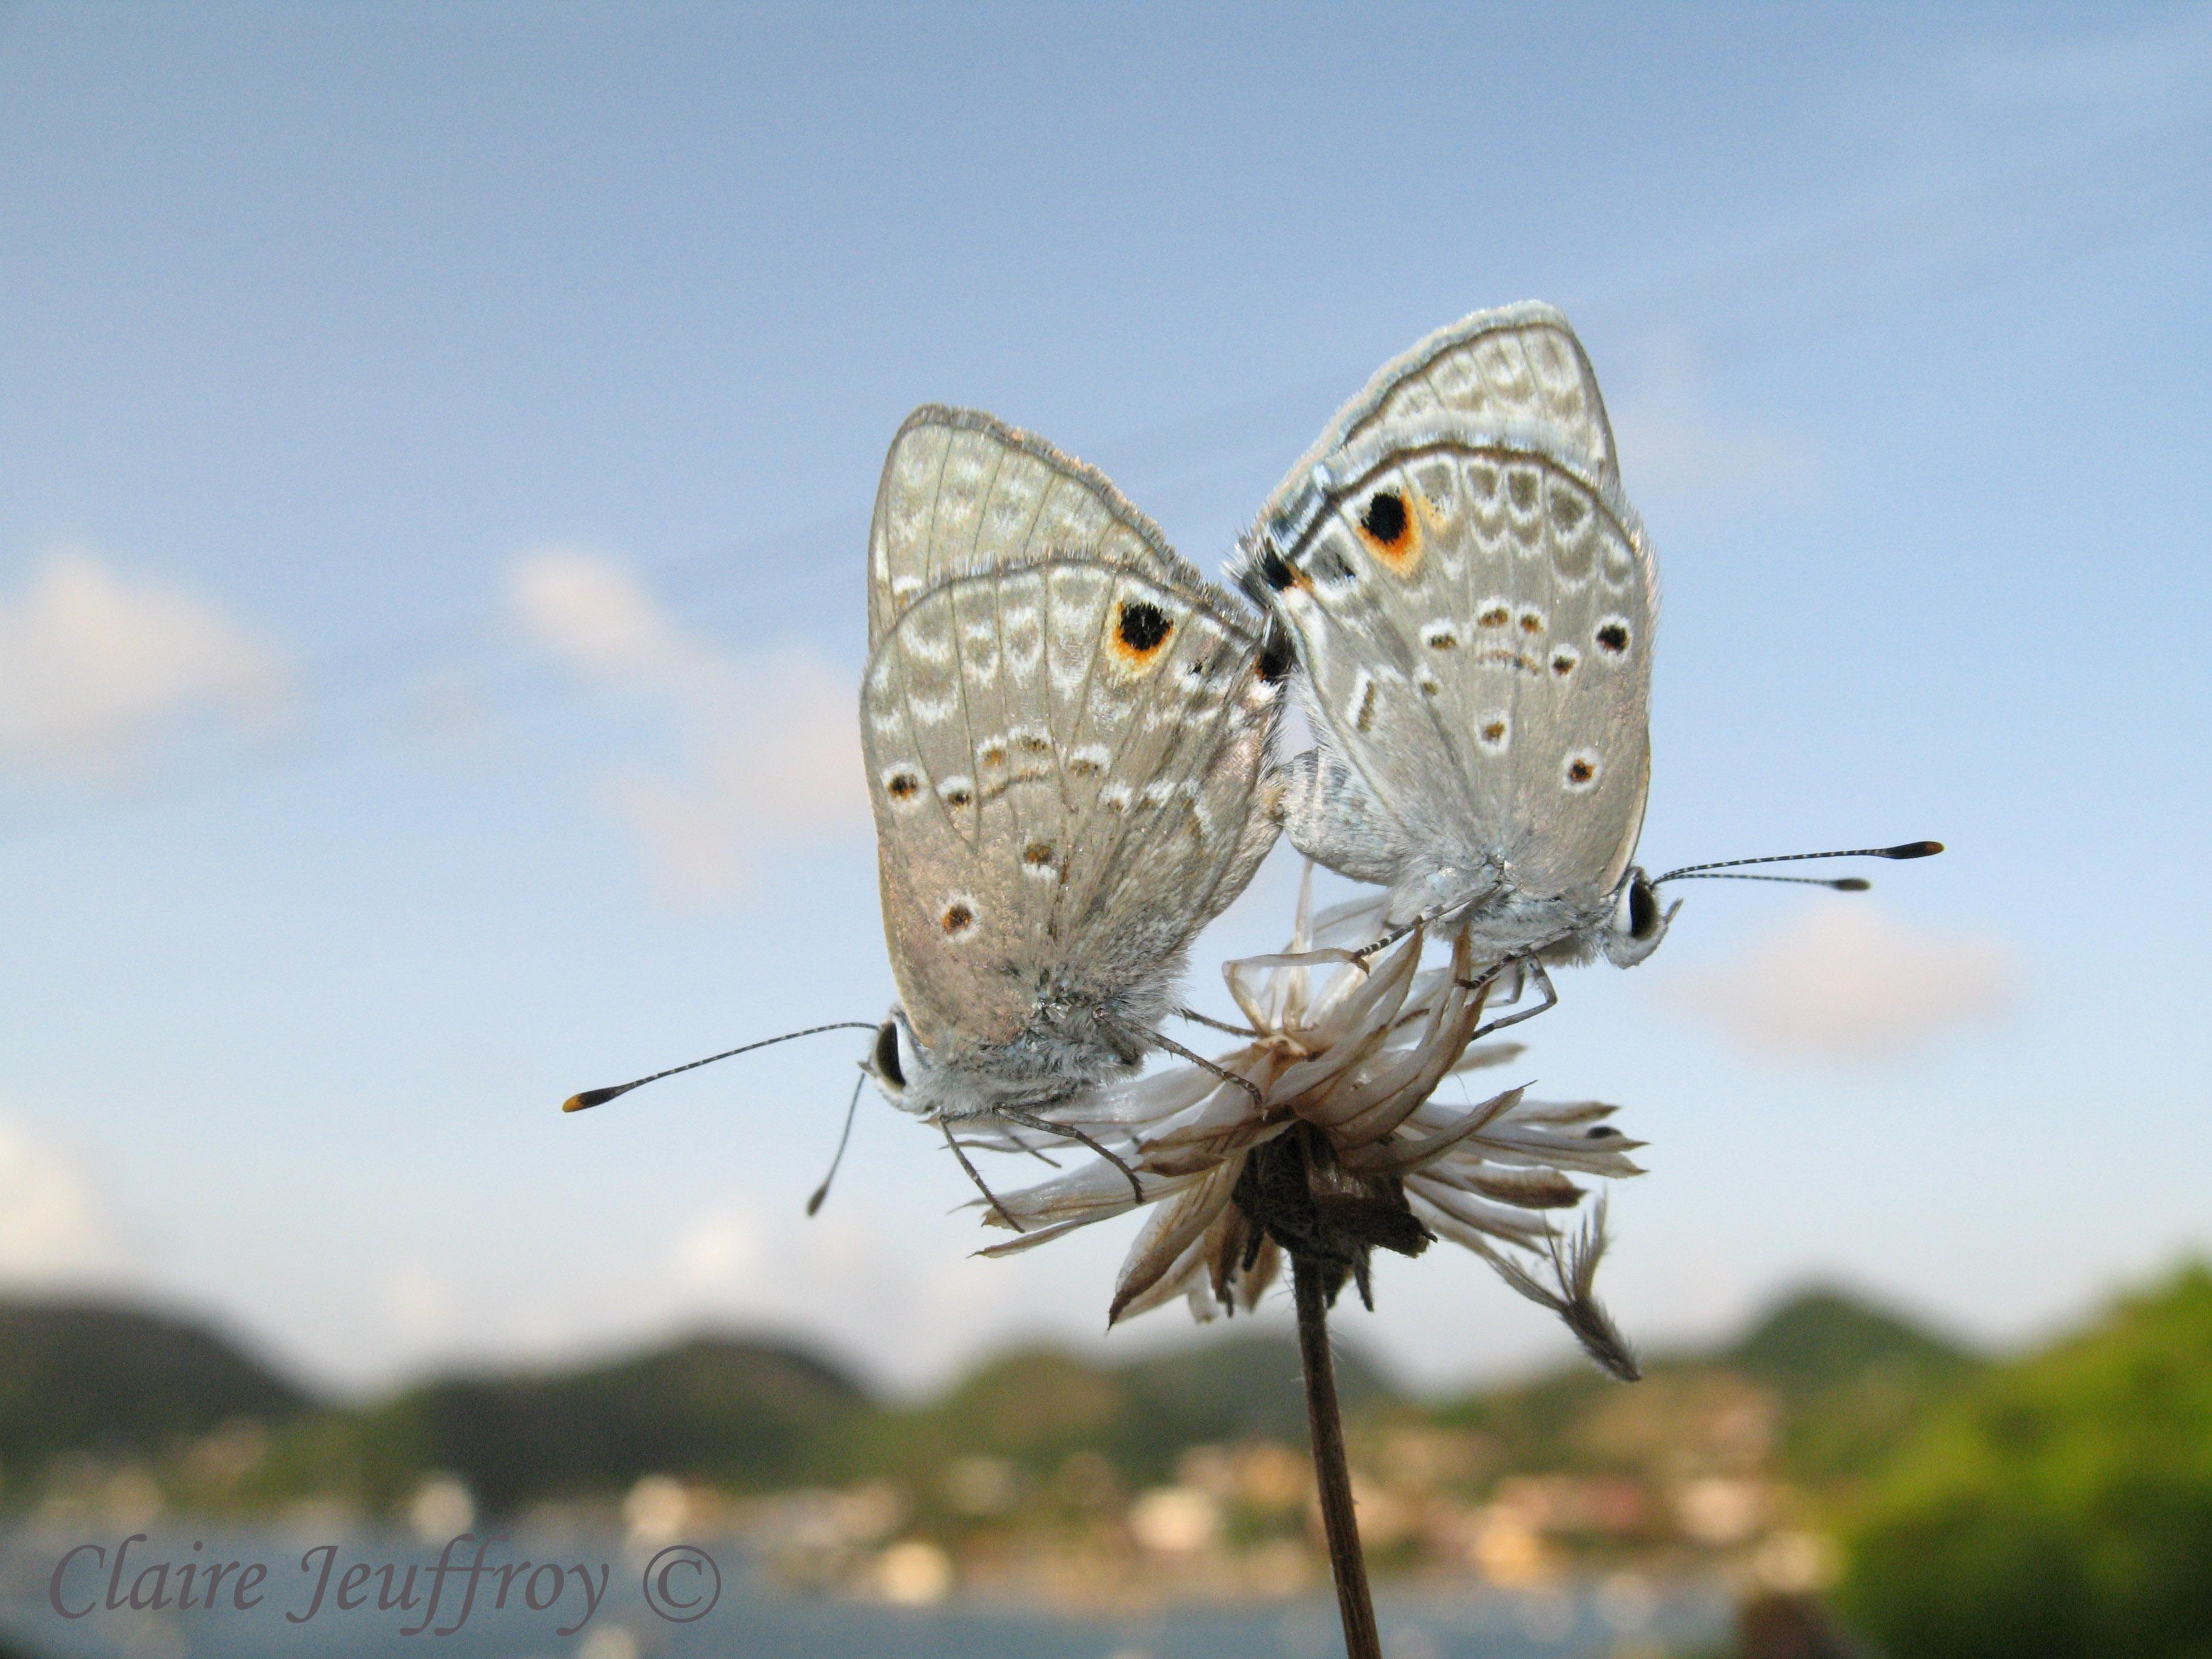 location touristique les saintes Papillons 24 06 09 108